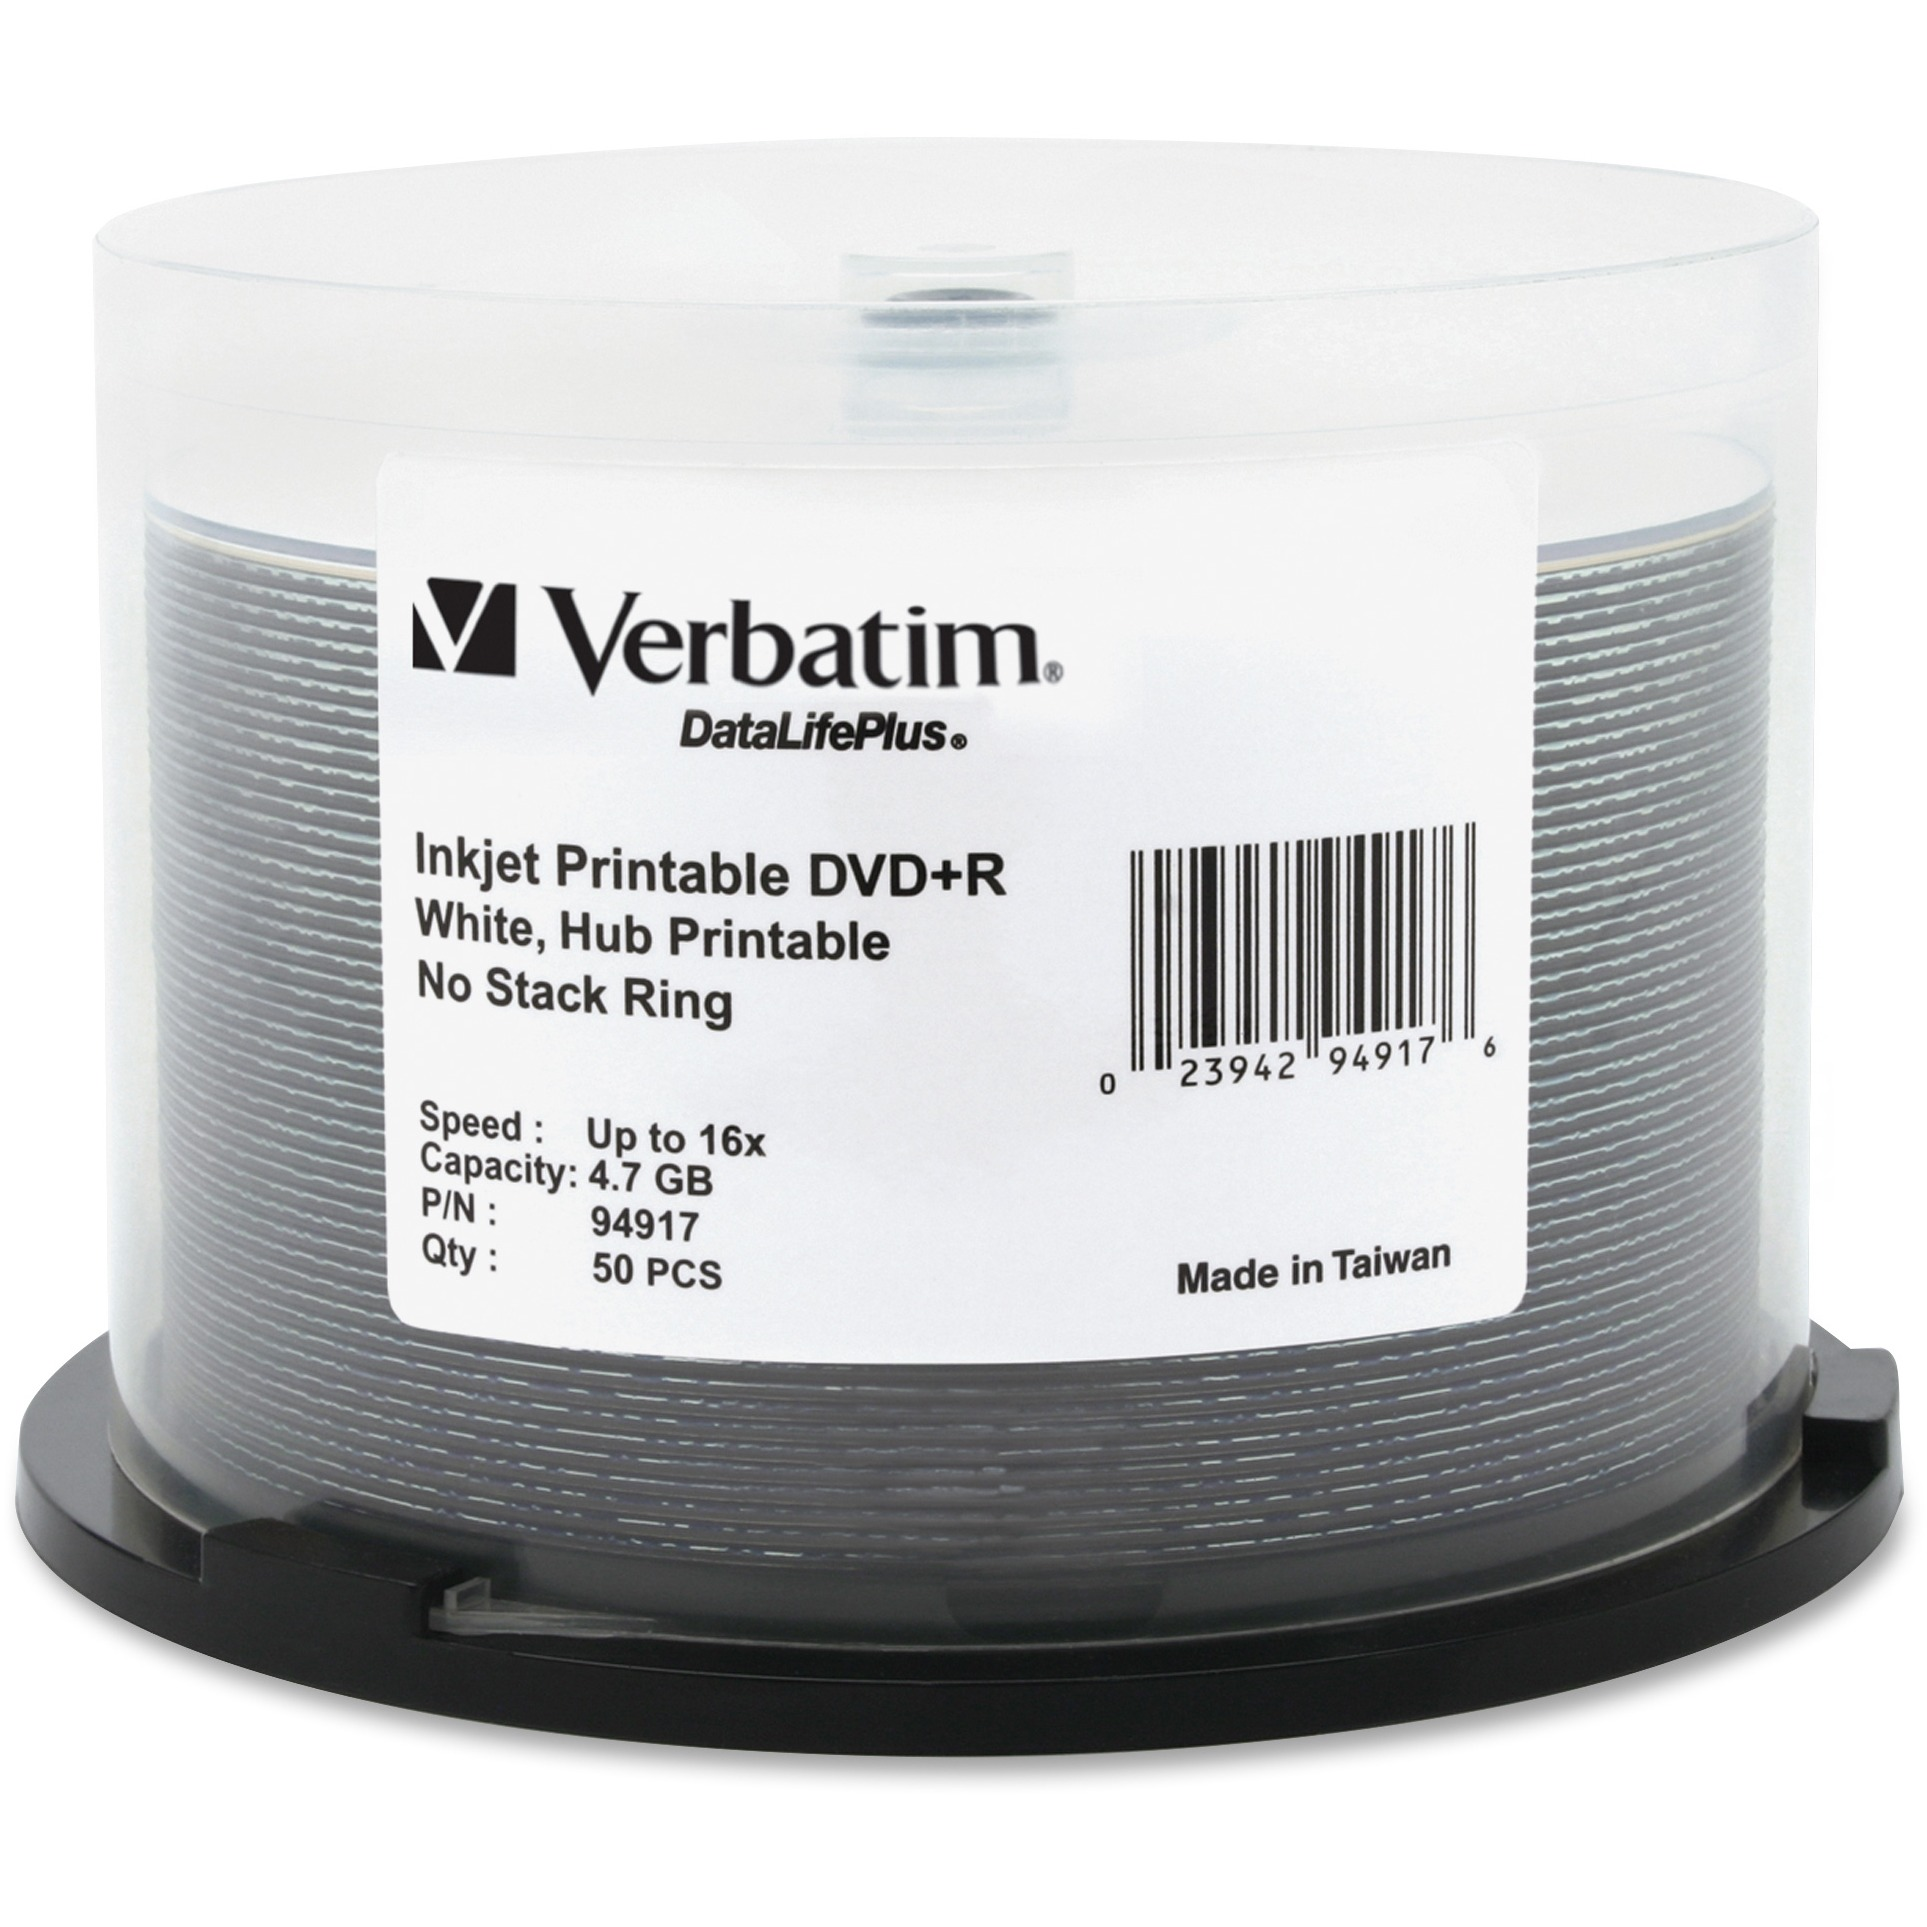 Verbatim, VER94917, 16X White Inkjet Printable DVD+R, 50, White